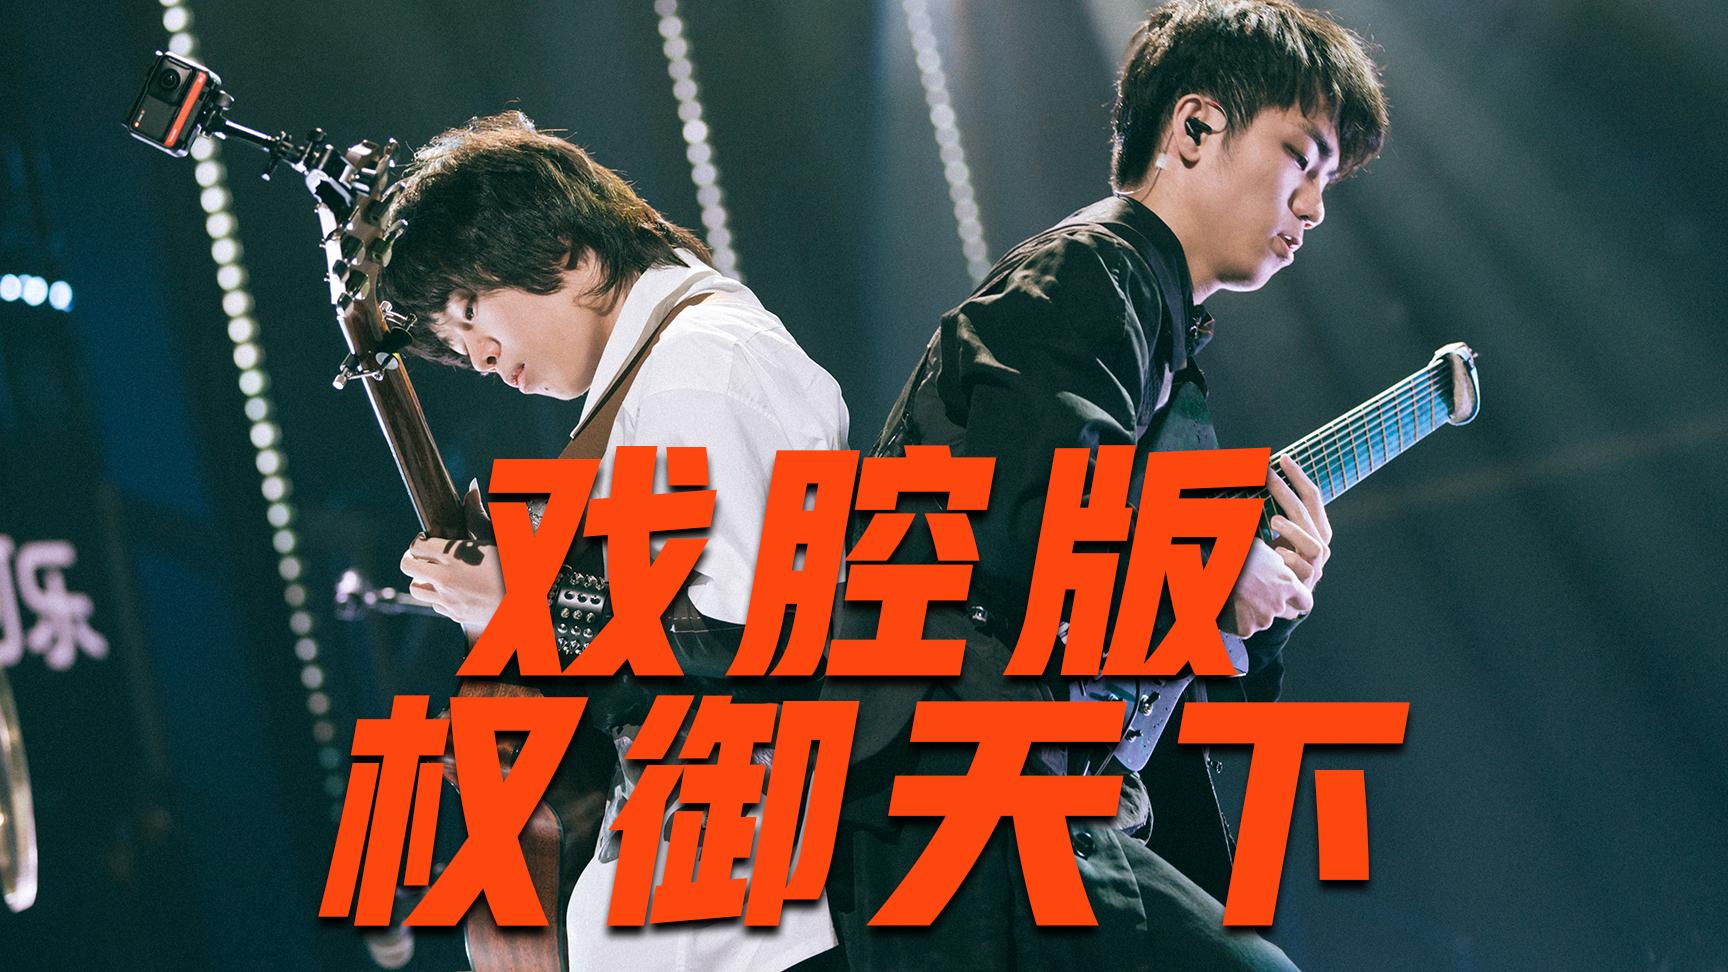 【明日之子4】戏腔版《权御天下》再现江湖,王江元苏文浩文理搭配技惊四座